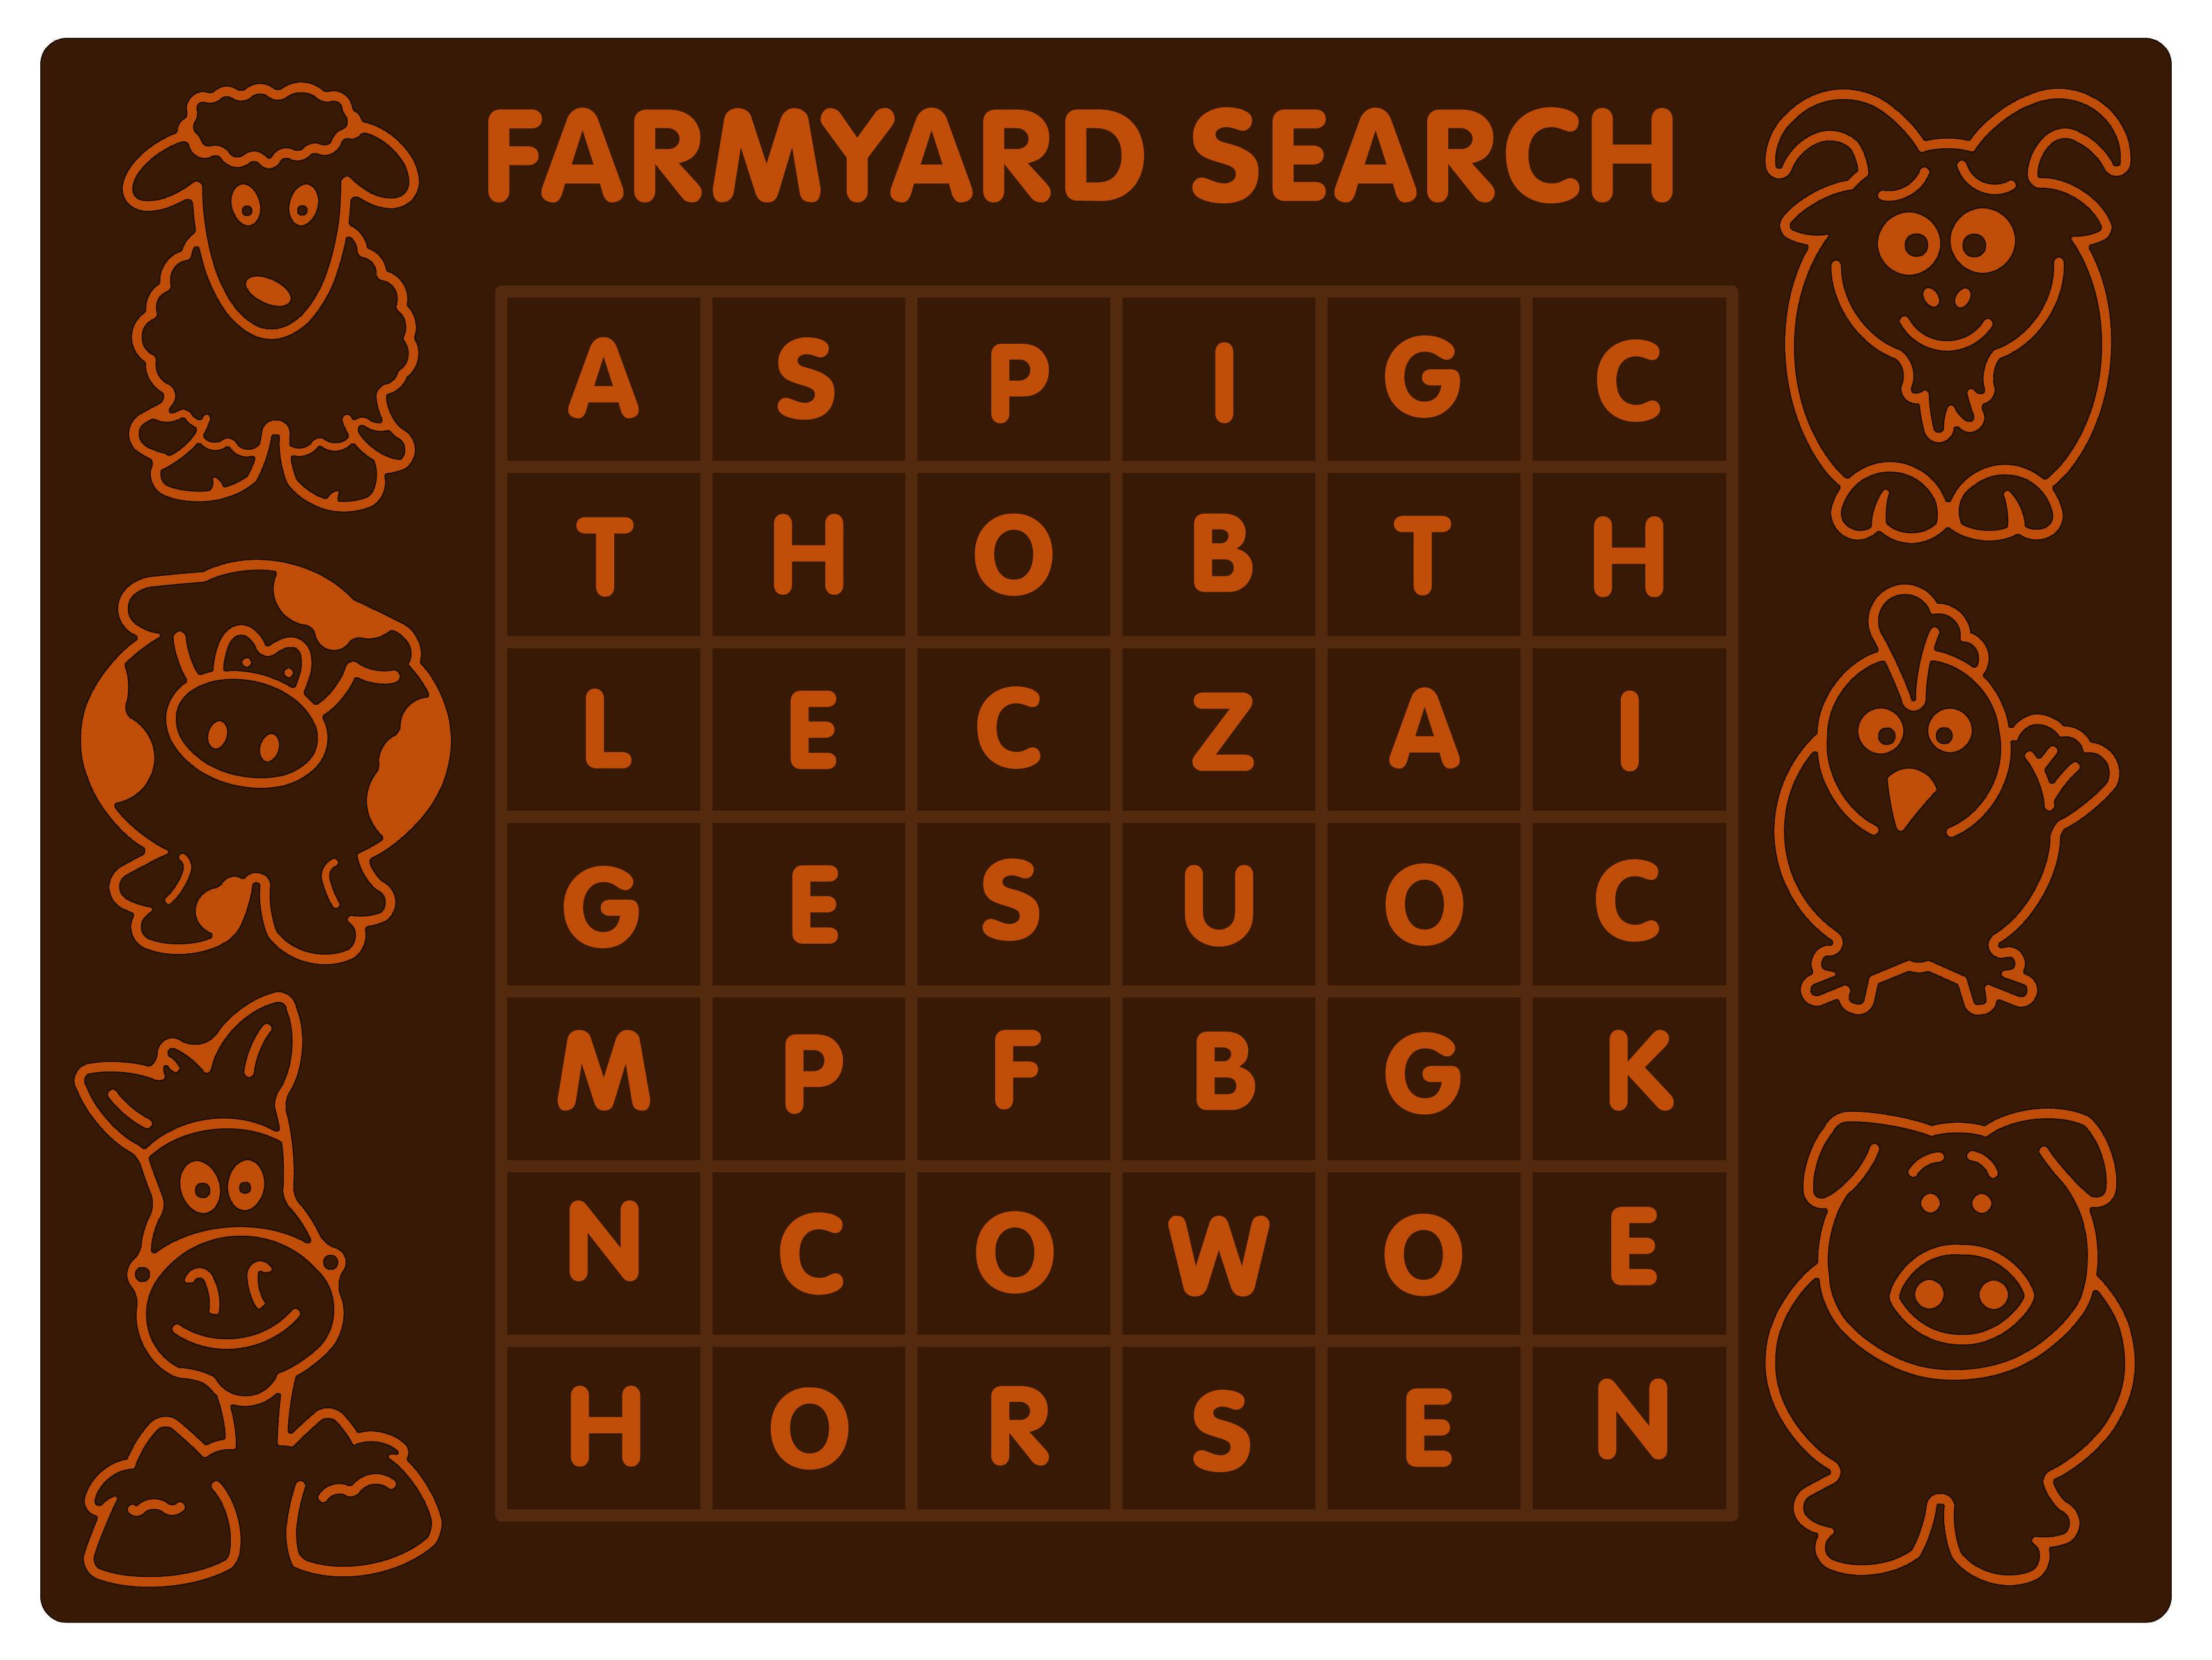 Farmyard Search